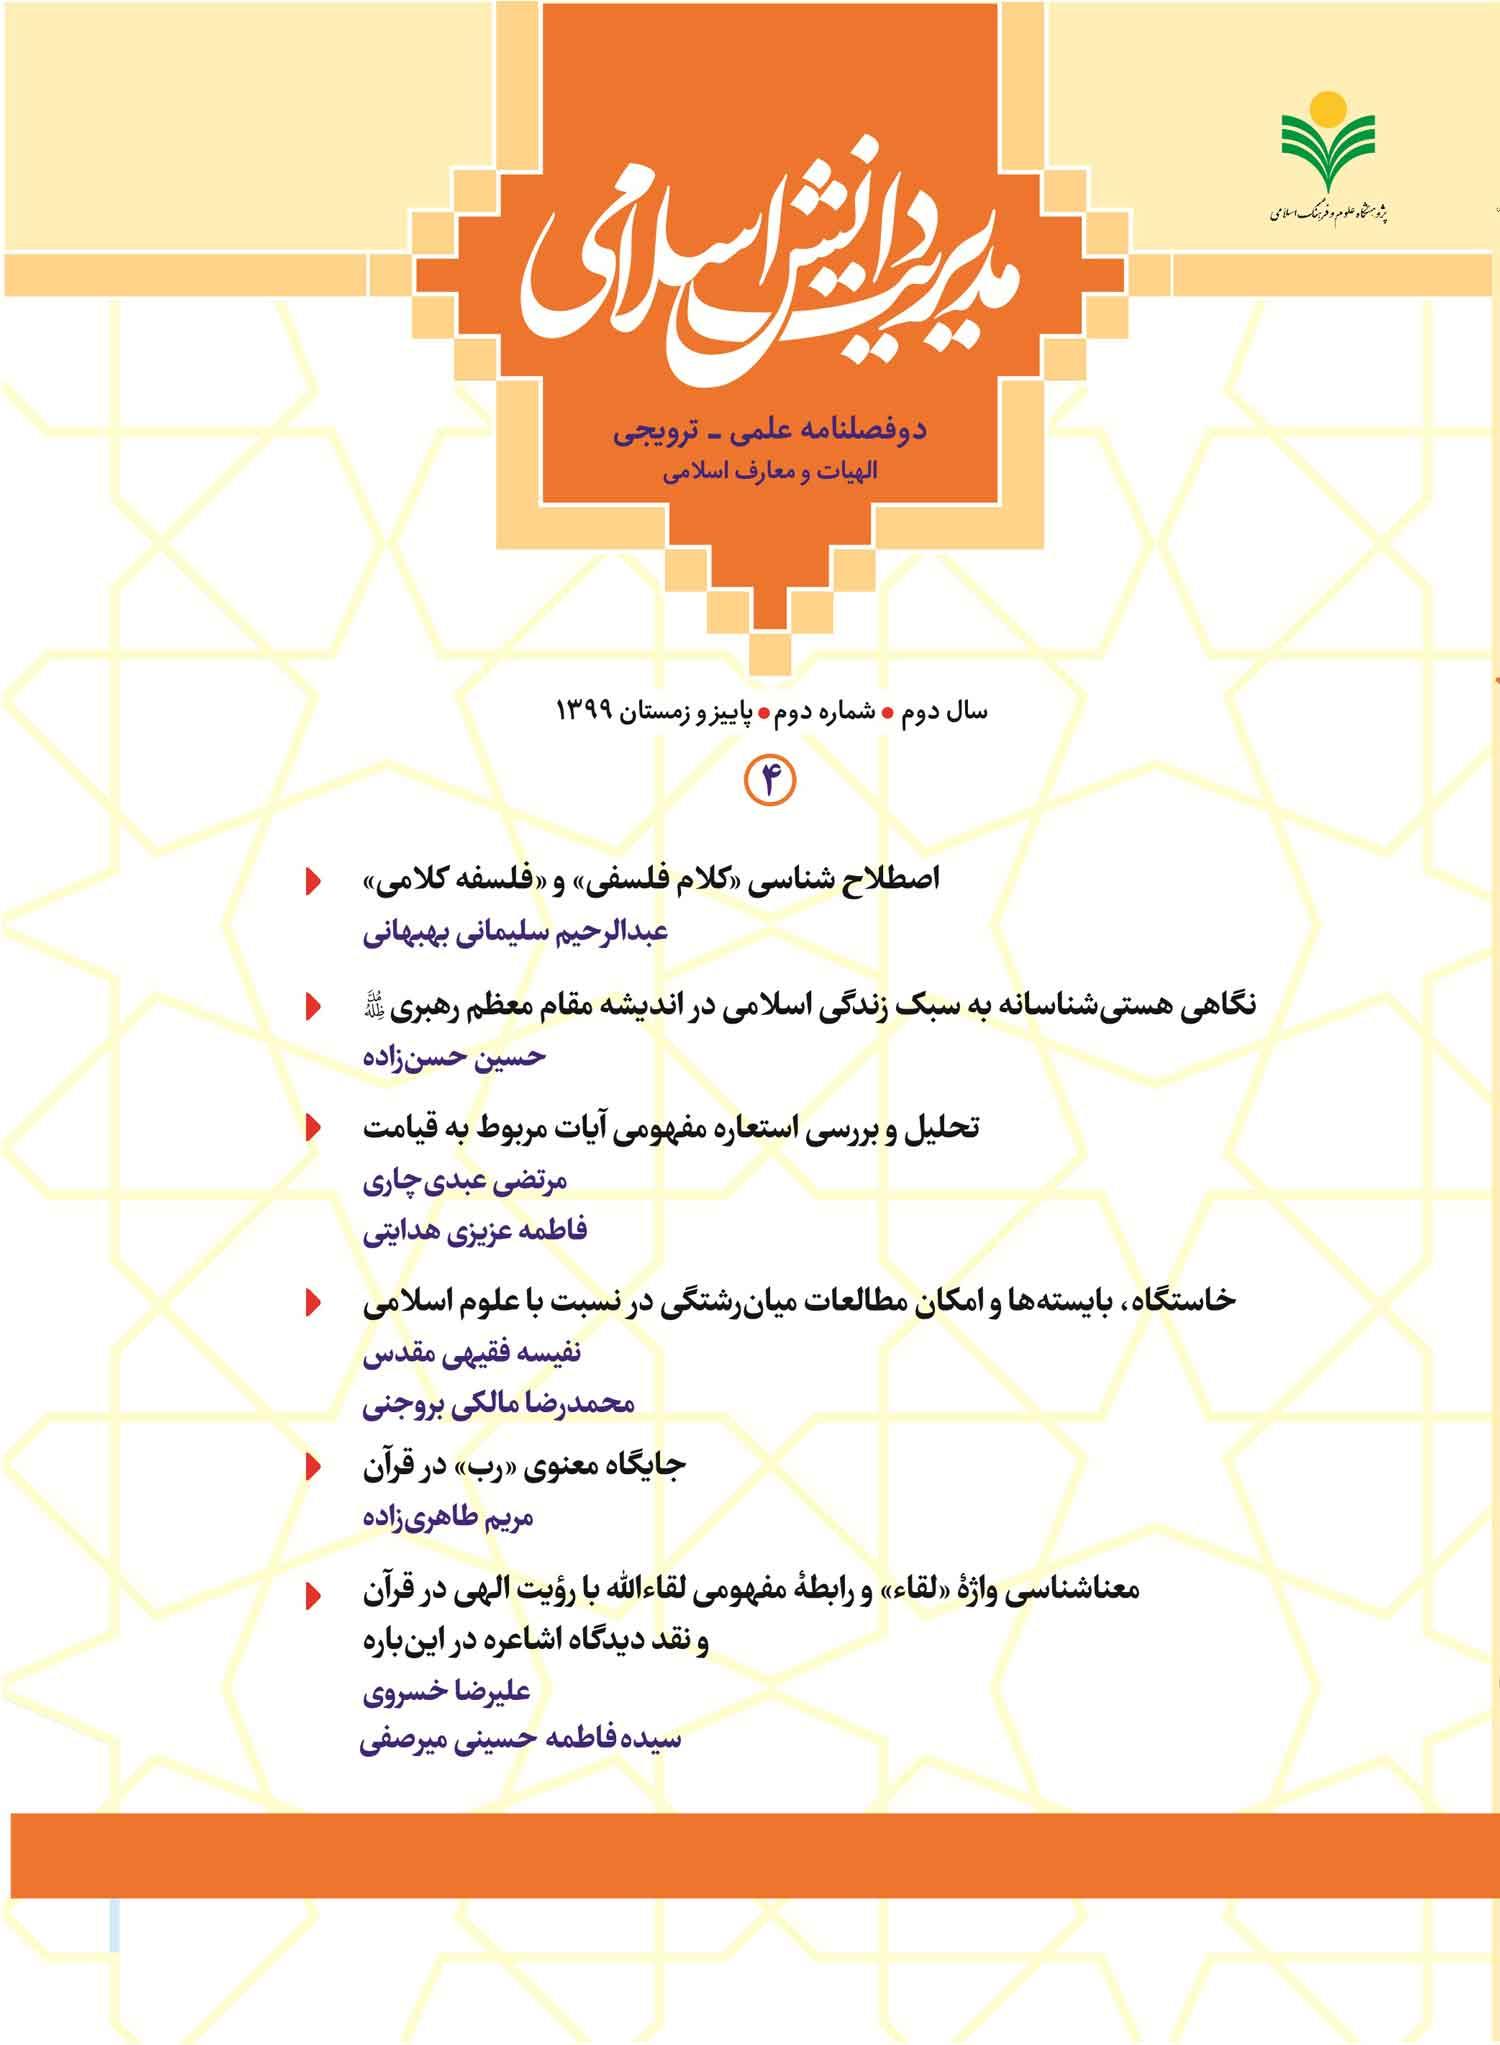 مدیریت دانش اسلامی